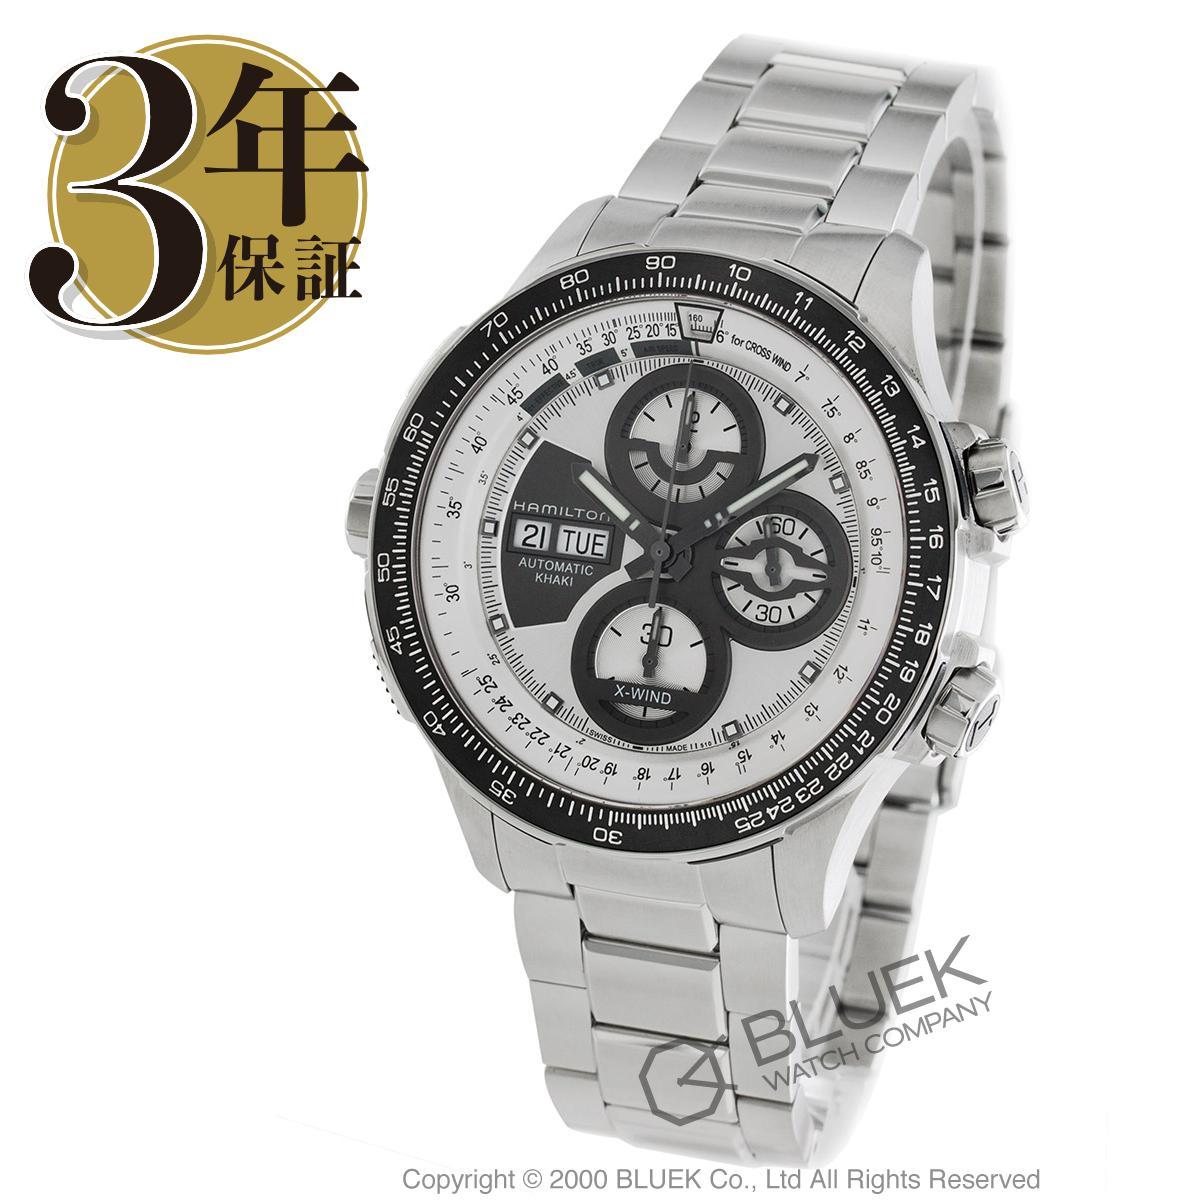 【3,000円OFFクーポン対象】ハミルトン カーキ アビエーション X-ウィンド 世界限定1999本 クロノグラフ 腕時計 メンズ HAMILTON H77726151_8